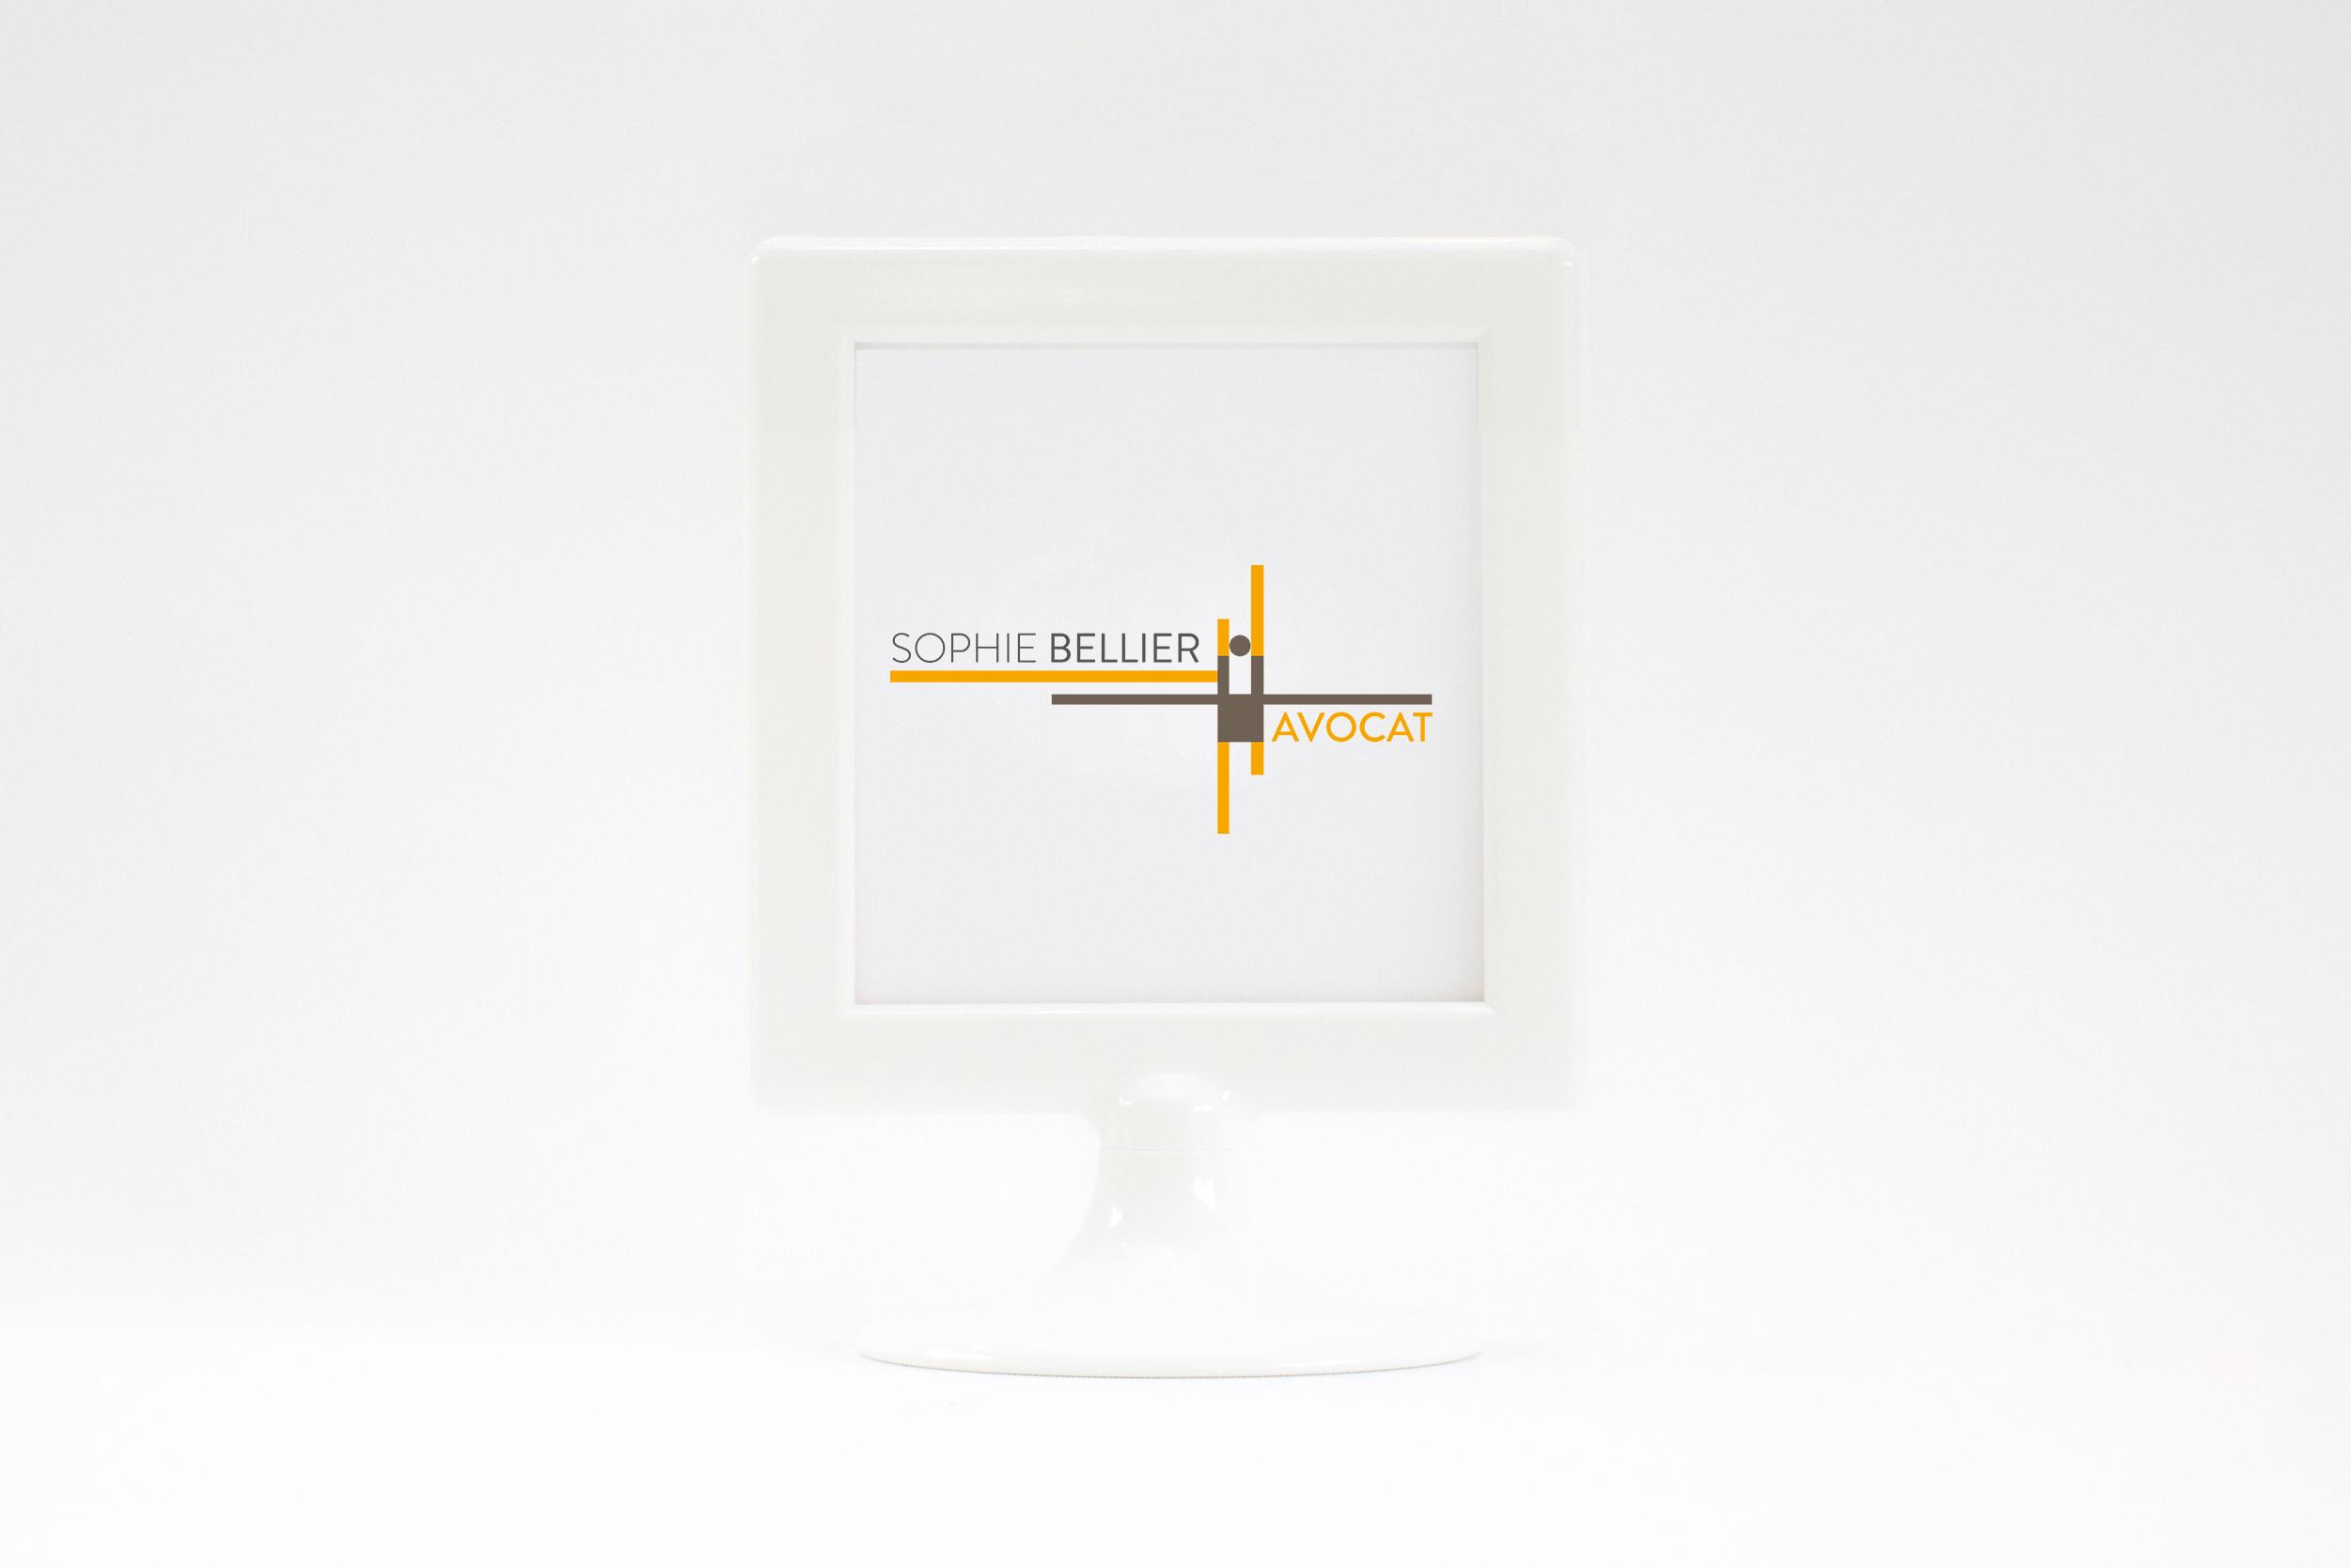 Logo Avocat - Sophie Bellier - bellier-avocat.com